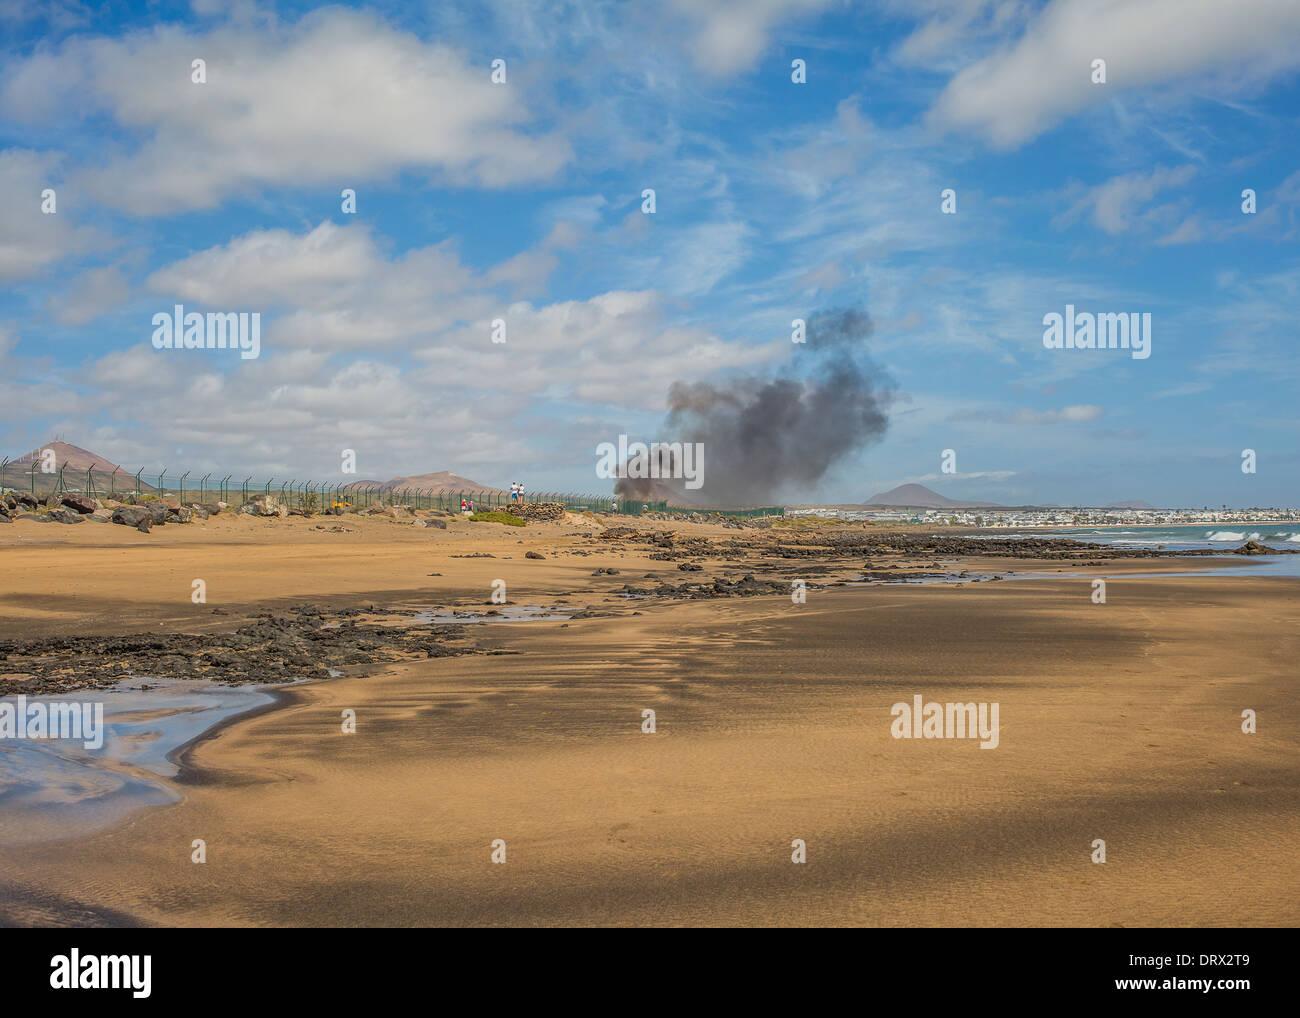 Feuer und Rauch am Start-und Landebahn von Lanzarote Flughafen nahe dem Ozean Stockbild